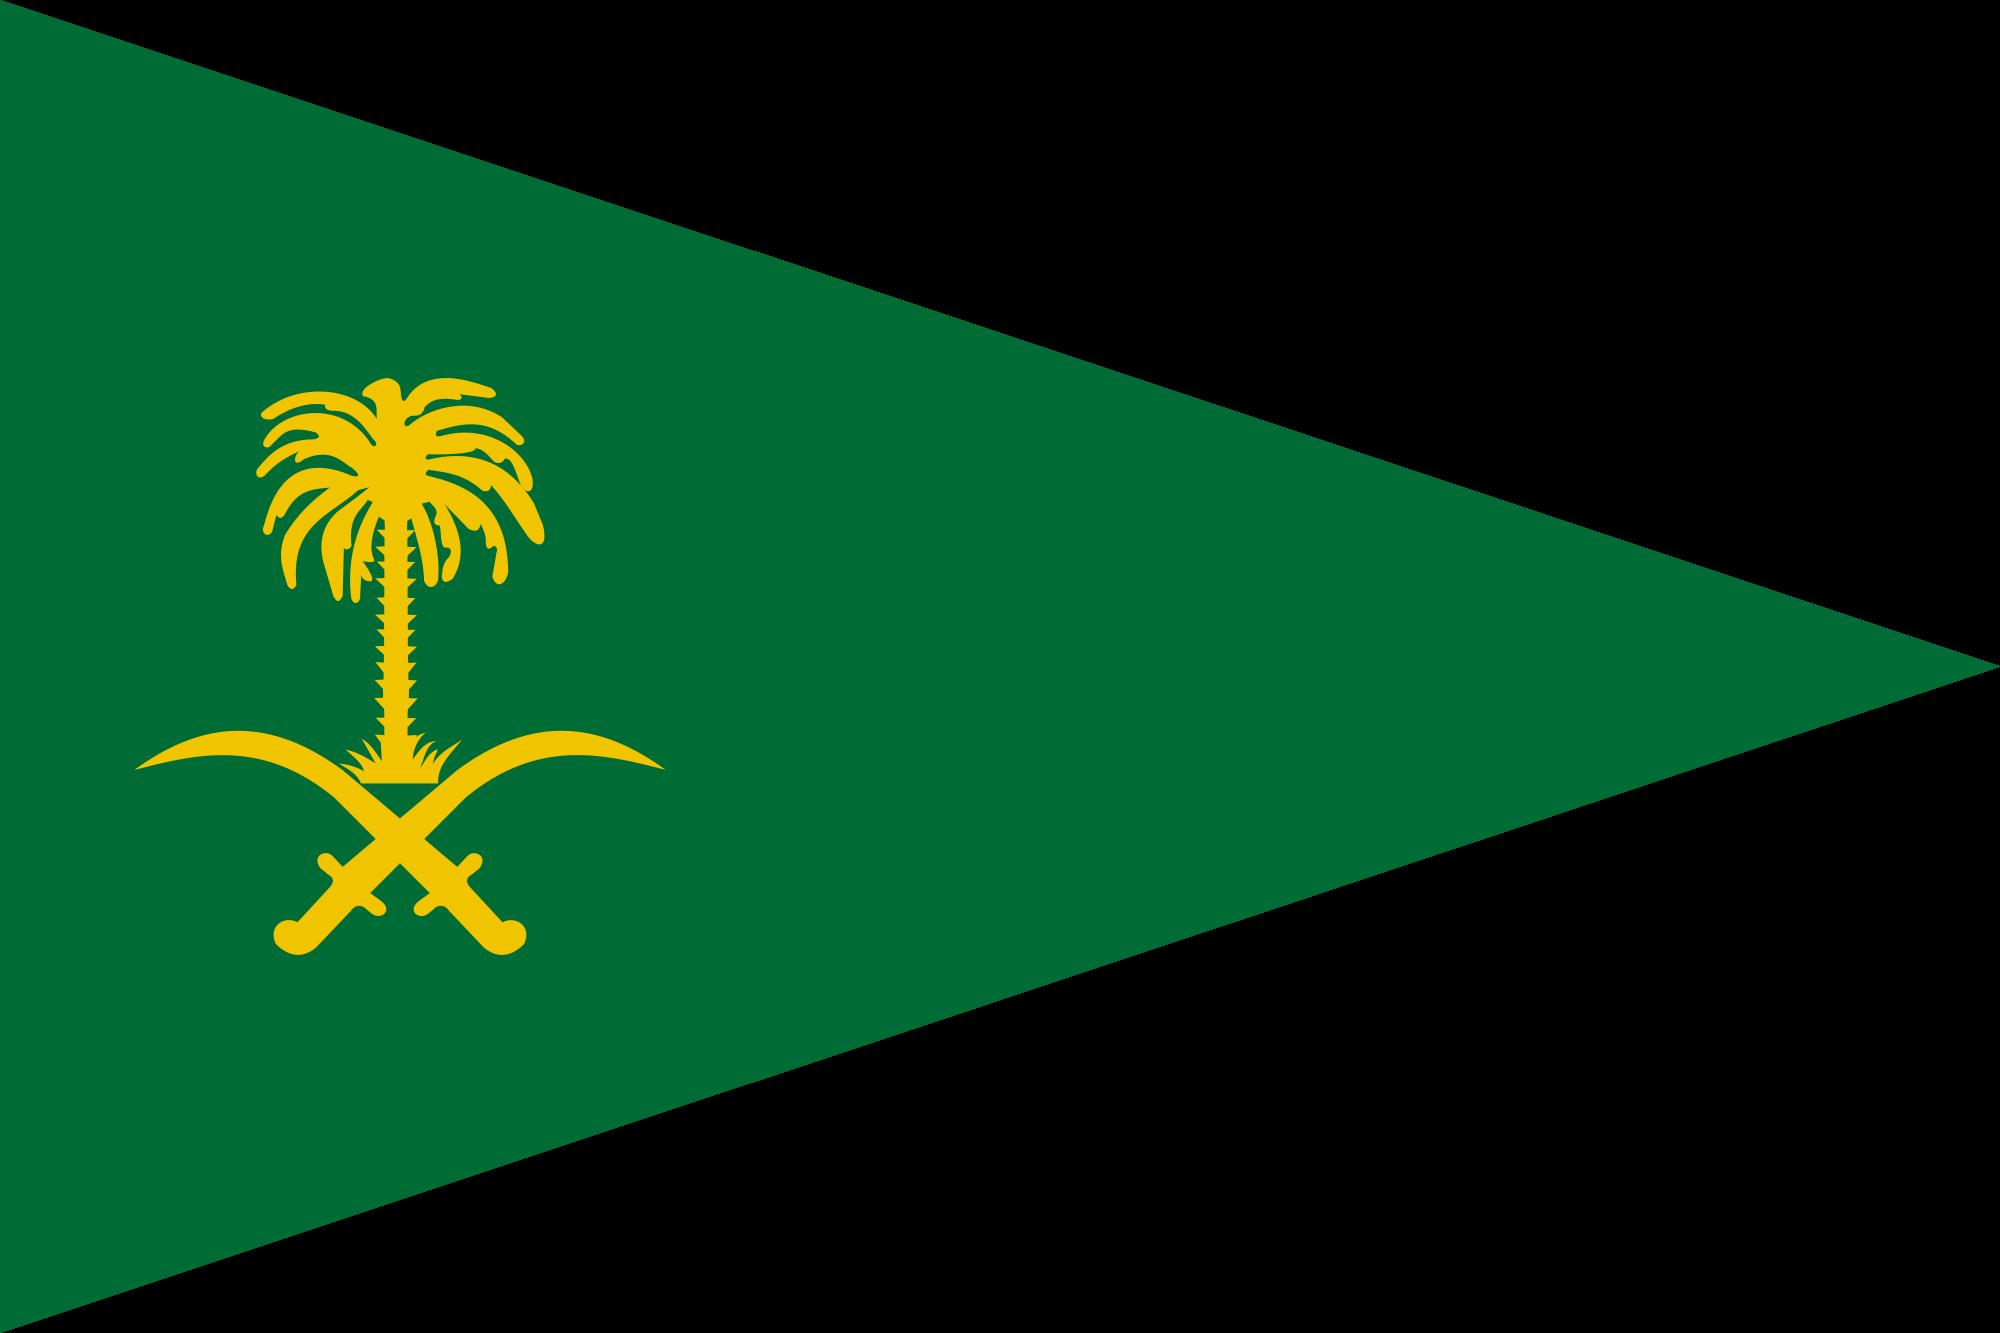 Saudi Arabia (War flag)